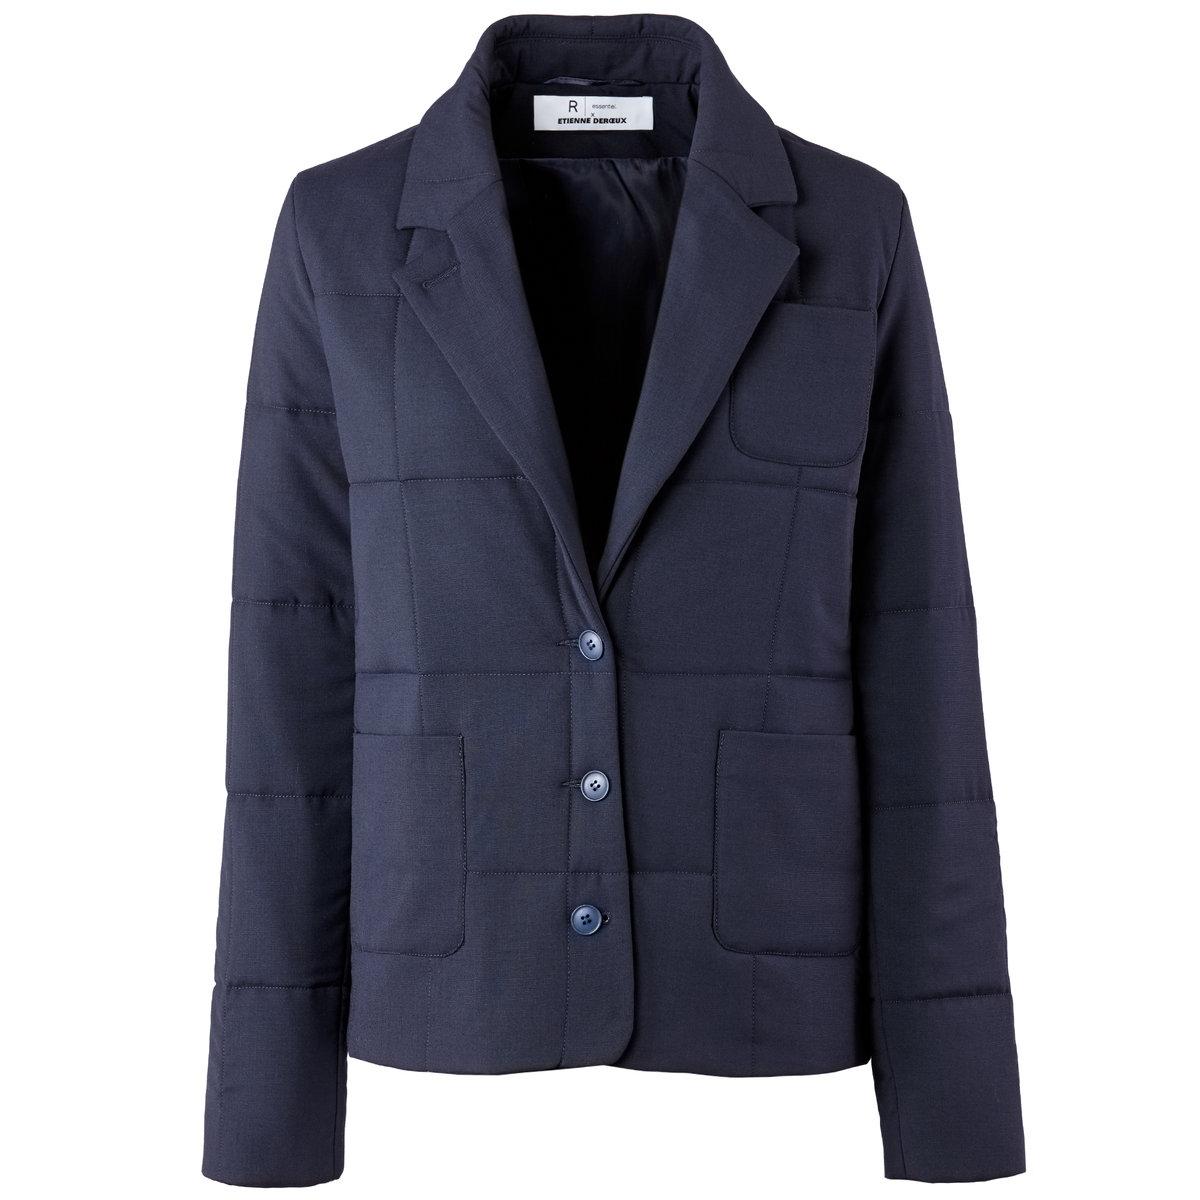 Пиджак стеганый – ETIENNE DEROEUX POUR R/essentielСтеганый пиджак ETIENNE DEROEUX POUR R/essentiel, 64% полиэстера, 34% вискозы, 2% эластана.      Подкладка из 100% вискозы. Английский воротник. Застежка на пуговицы. 2 накладных кармана. Длина 63 см.Прямой пиджак, покоряющий своей простотой, сочетается с джинсами или прямыми брюками на каждый день.<br><br>Цвет: темно-зеленый,темно-синий<br>Размер: 34 (FR) - 40 (RUS).34 (FR) - 40 (RUS).40 (FR) - 46 (RUS).40 (FR) - 46 (RUS)